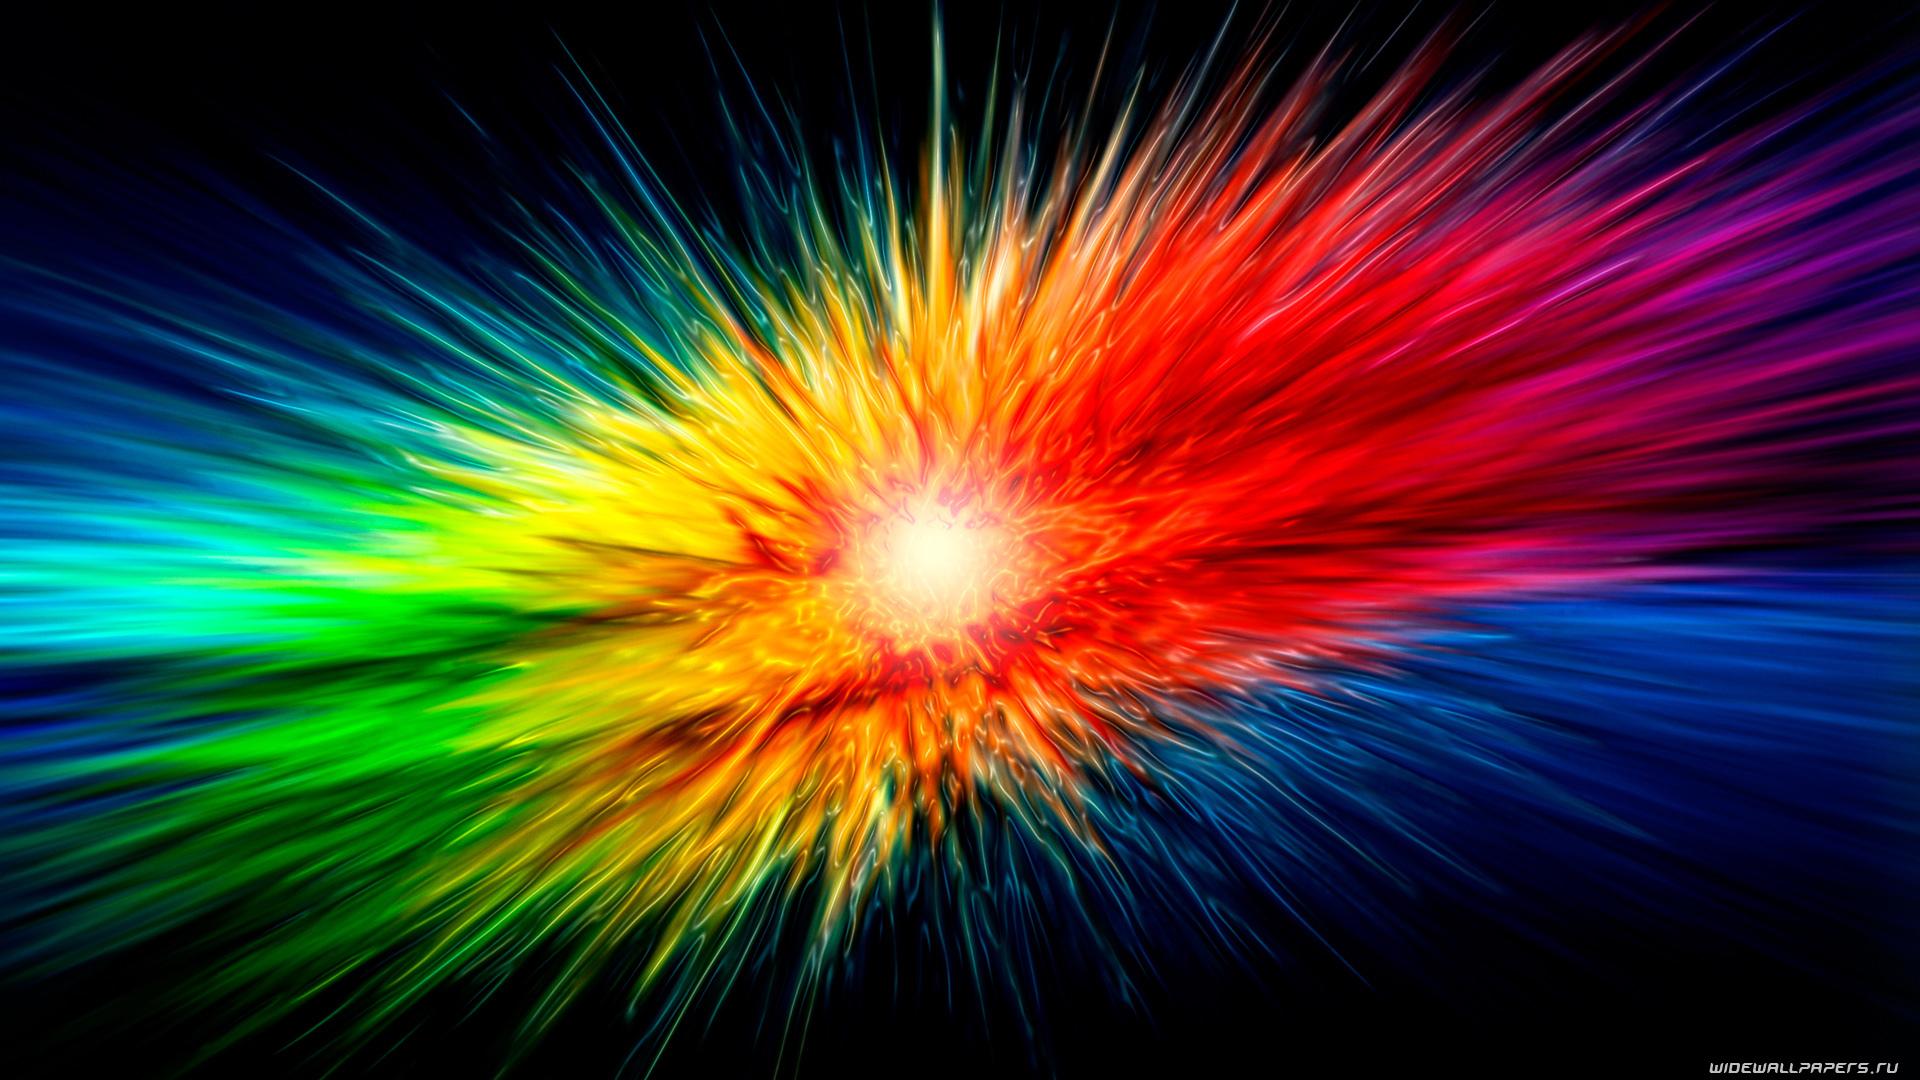 Laden Sie das kostenlose Hintergrundbild 22447: Abstrakt, Hintergrund, Regenbogen Hintergrundbild für das Handy herunter